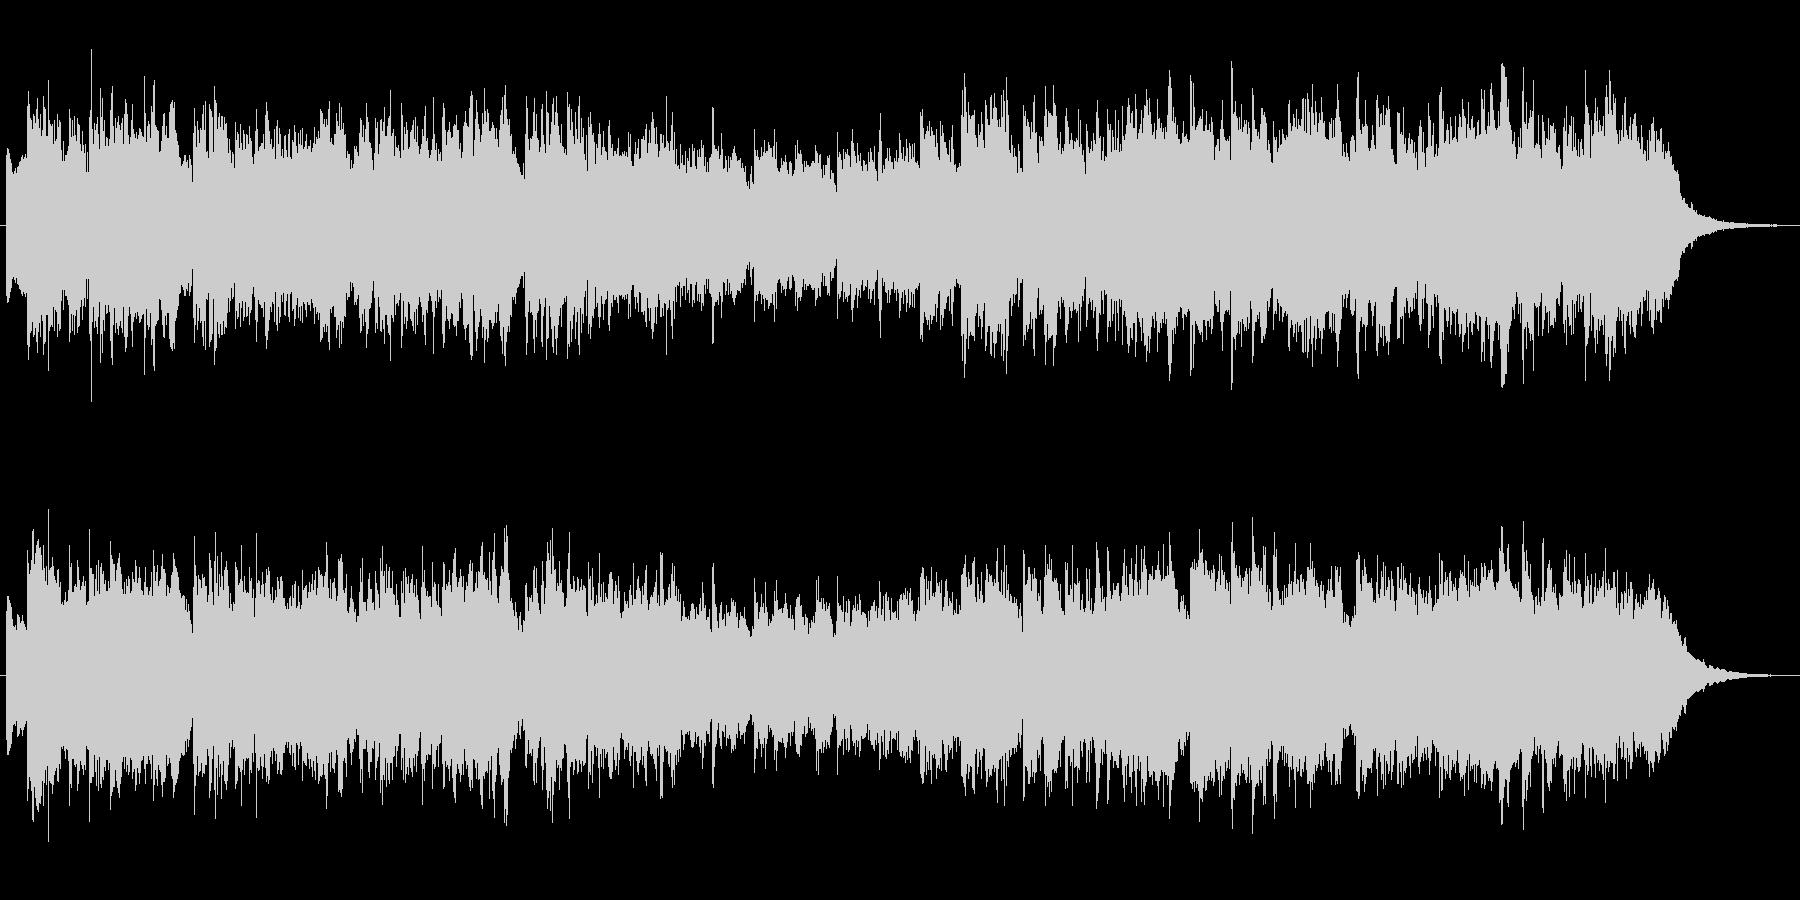 シンセブラスの印象的なジングル2の未再生の波形